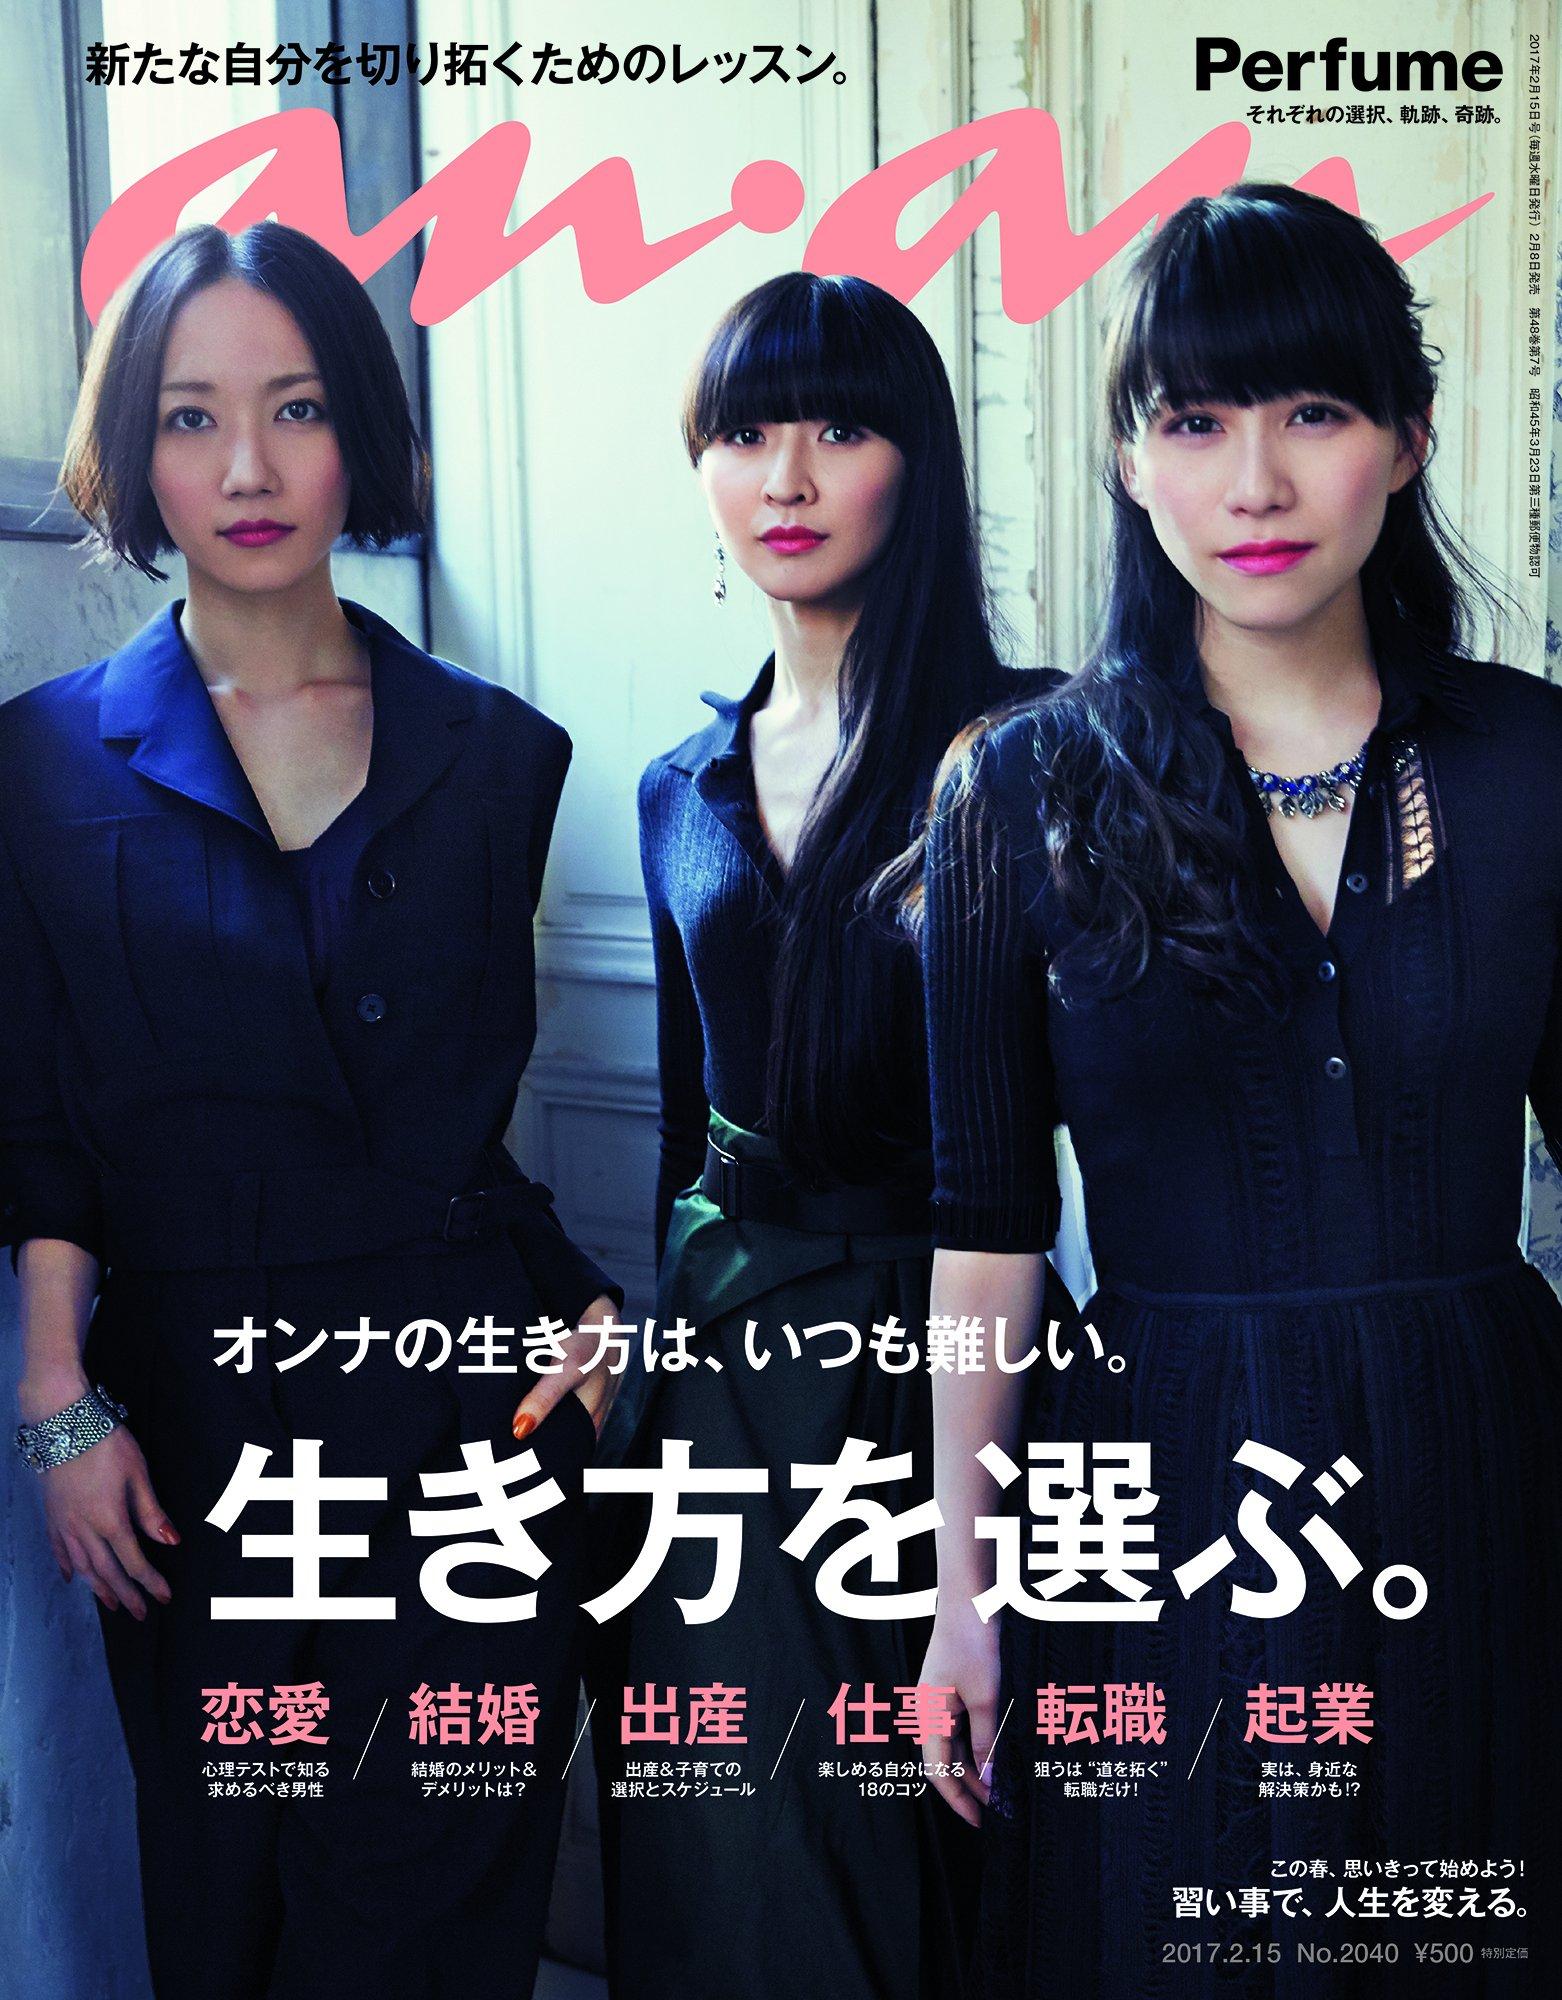 【衣装】Perfumeのファッション29【私服】 [無断転載禁止]©2ch.netYouTube動画>5本 ->画像>177枚